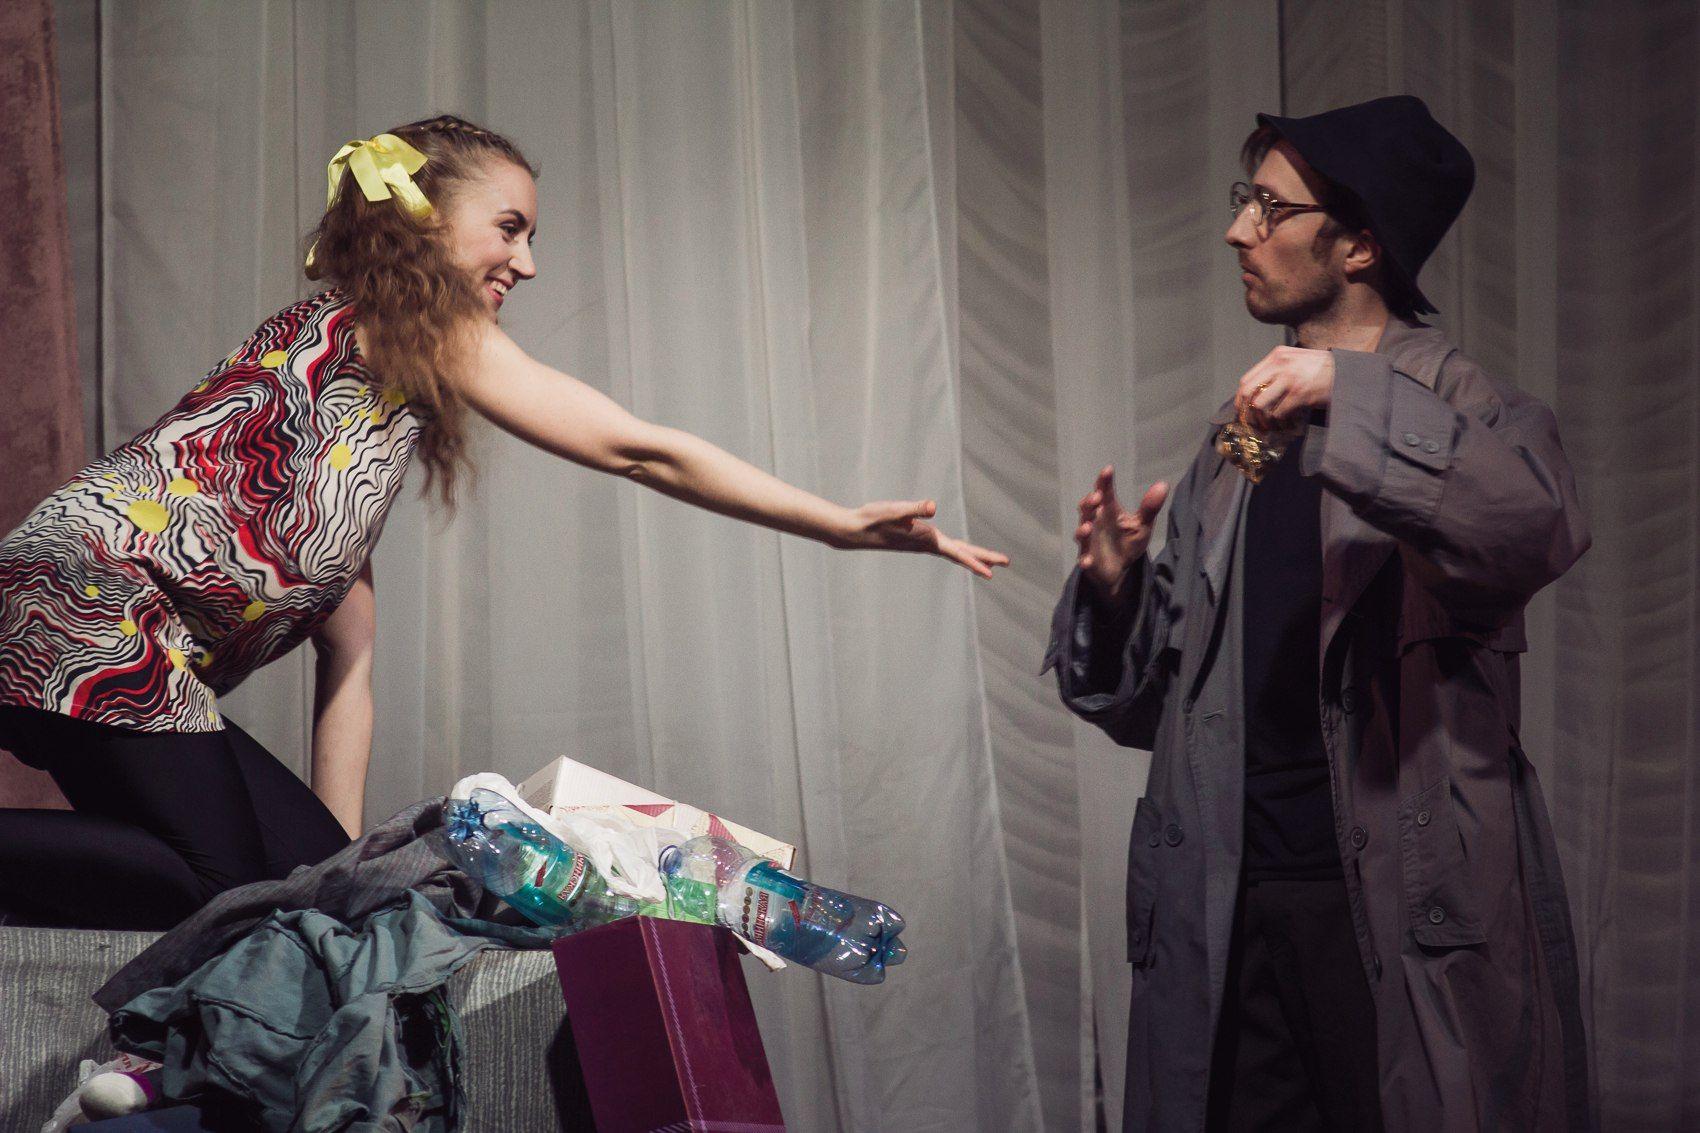 ВОмске спектакль запретили кпоказу из-за отсутствия «положительных контекстов»